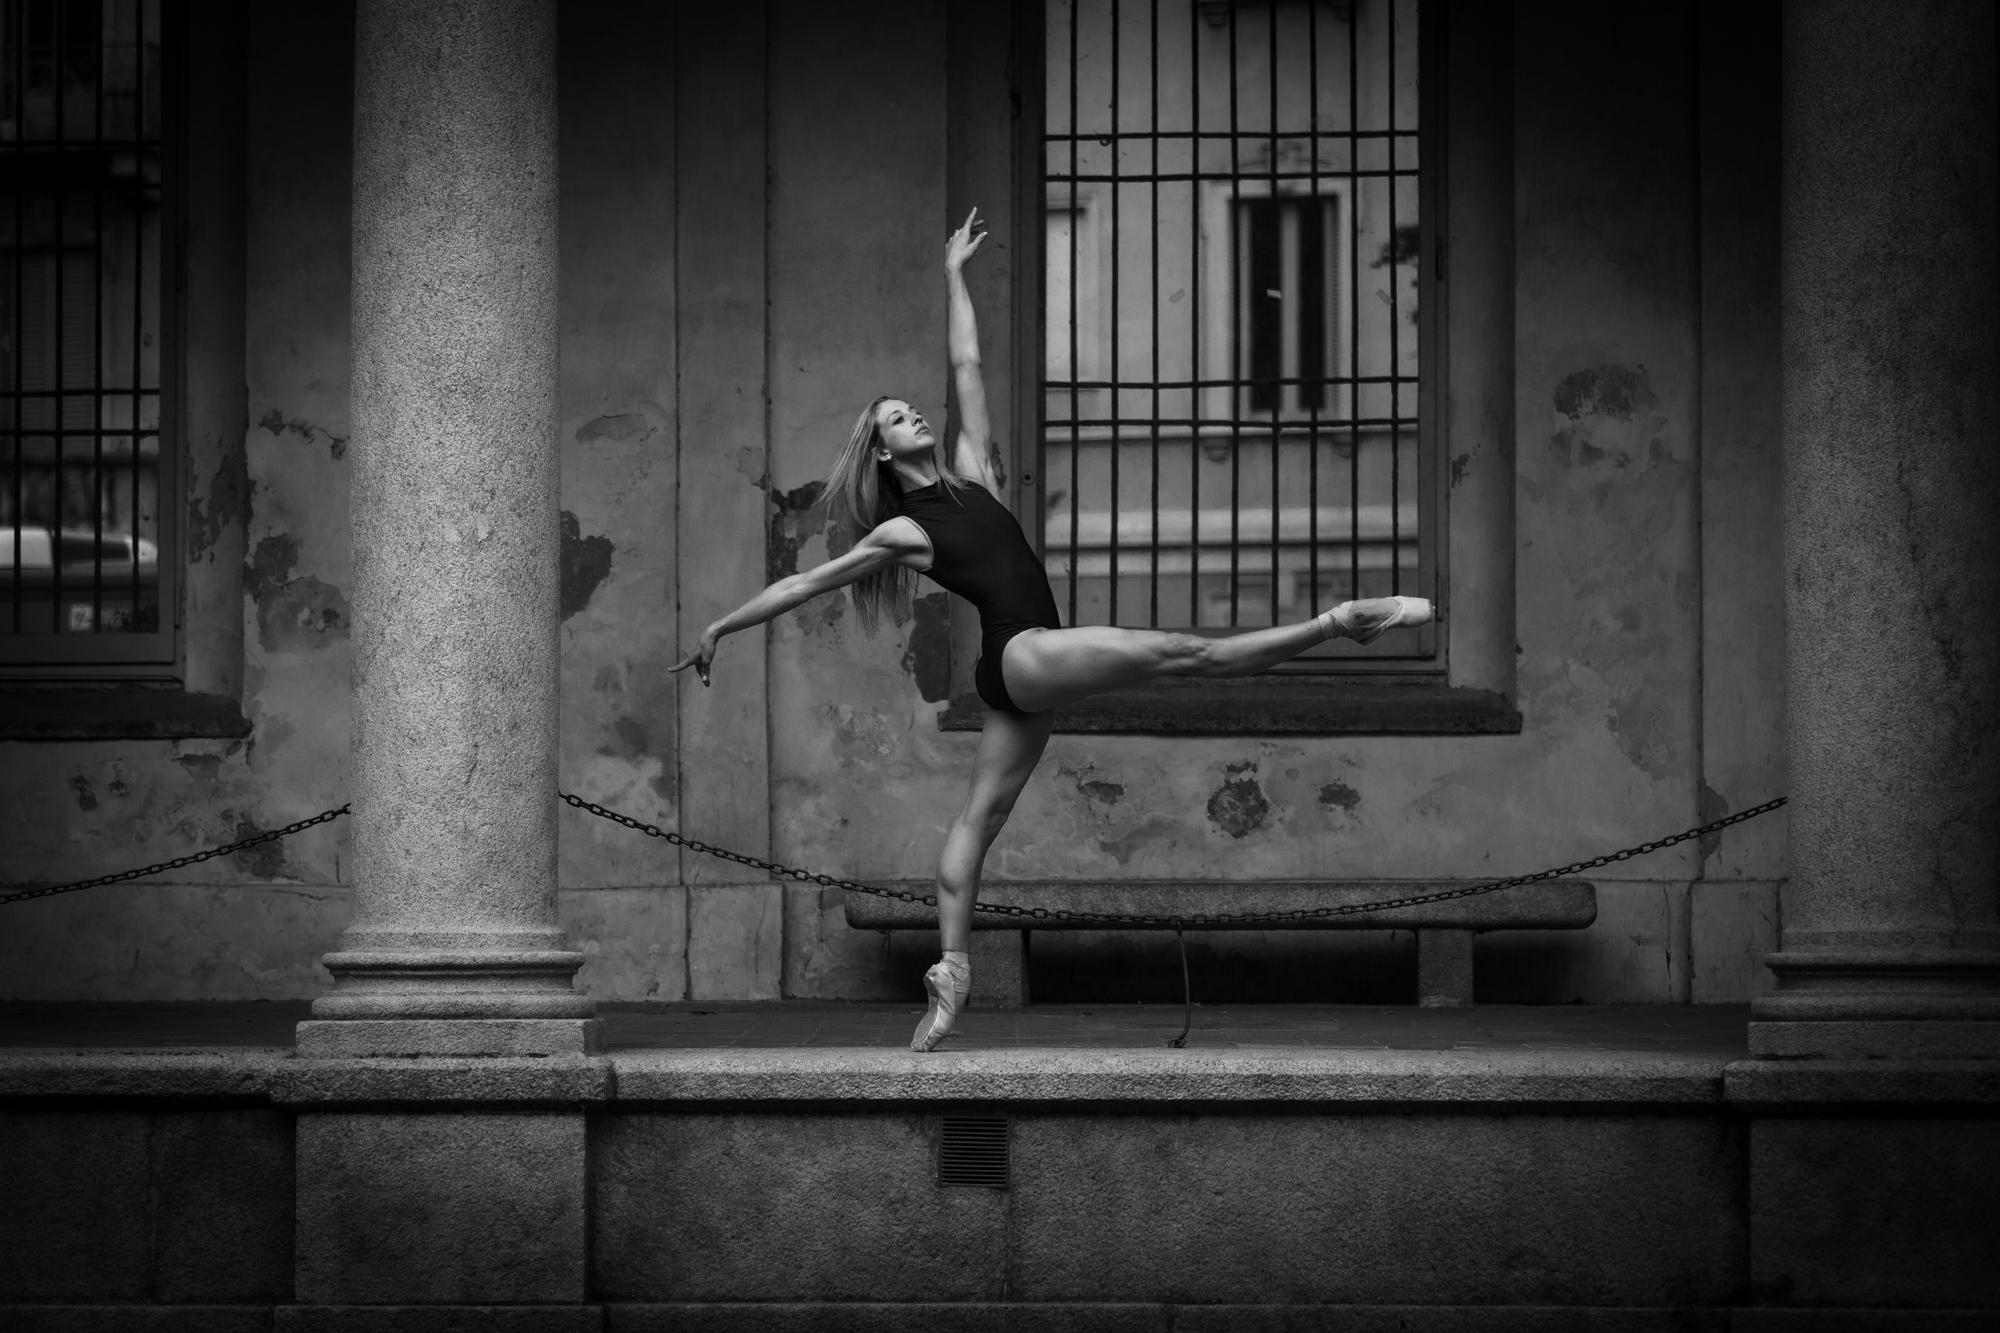 Virna_ballerina-4